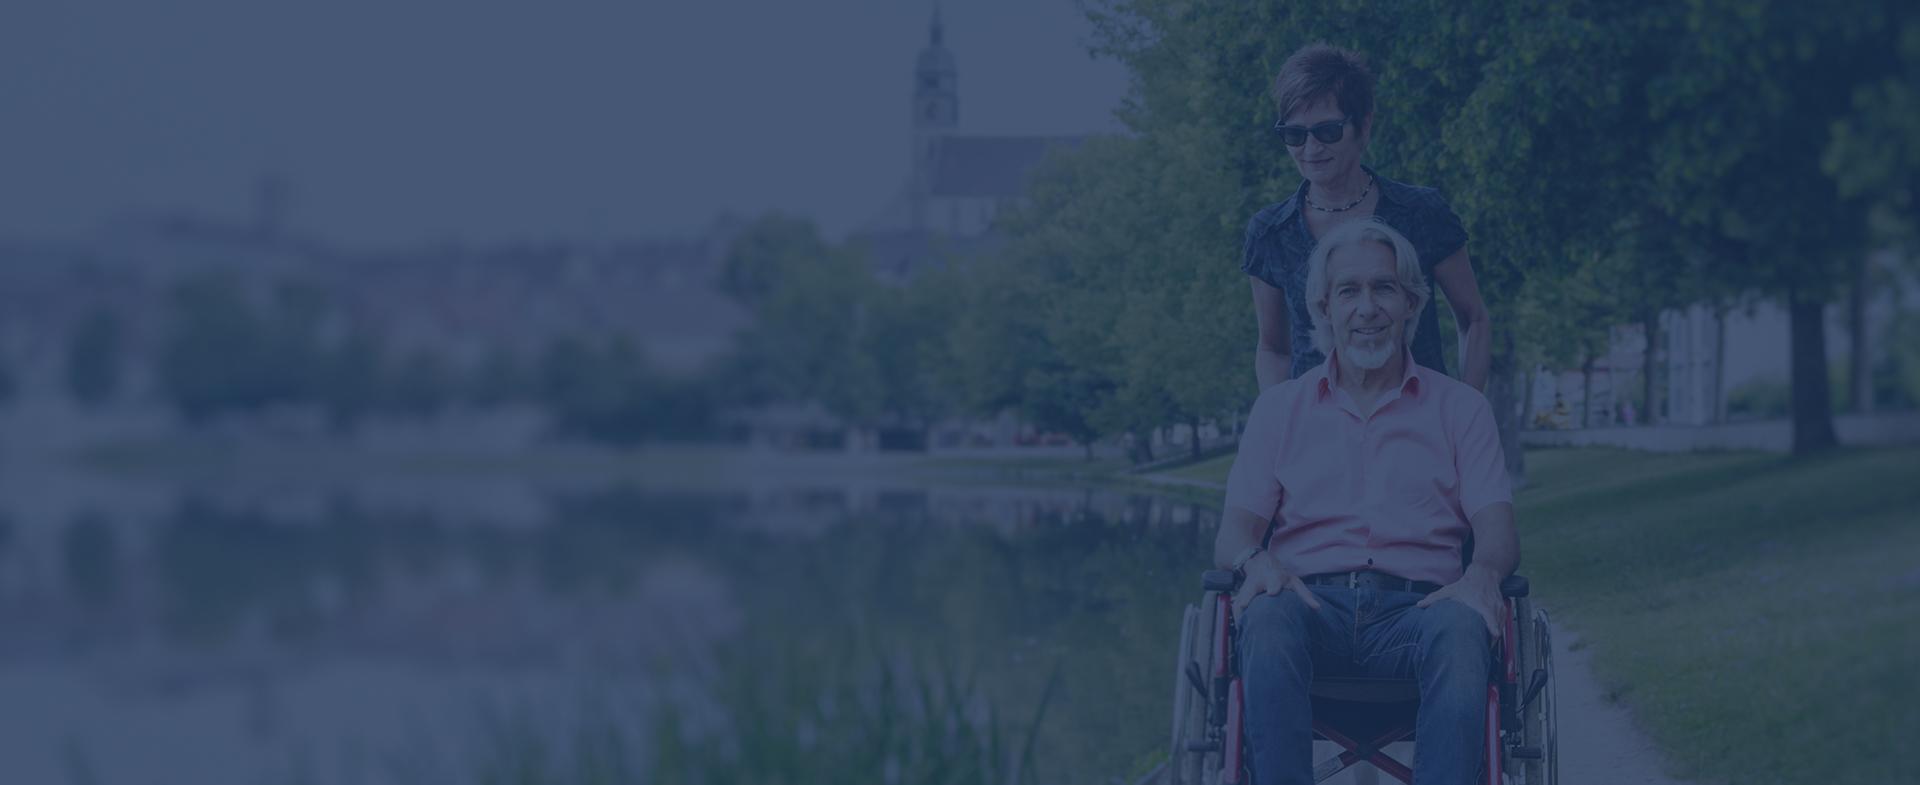 Opiekunki 365 - Opieka i pomoc osobom starszym w Niemczech.